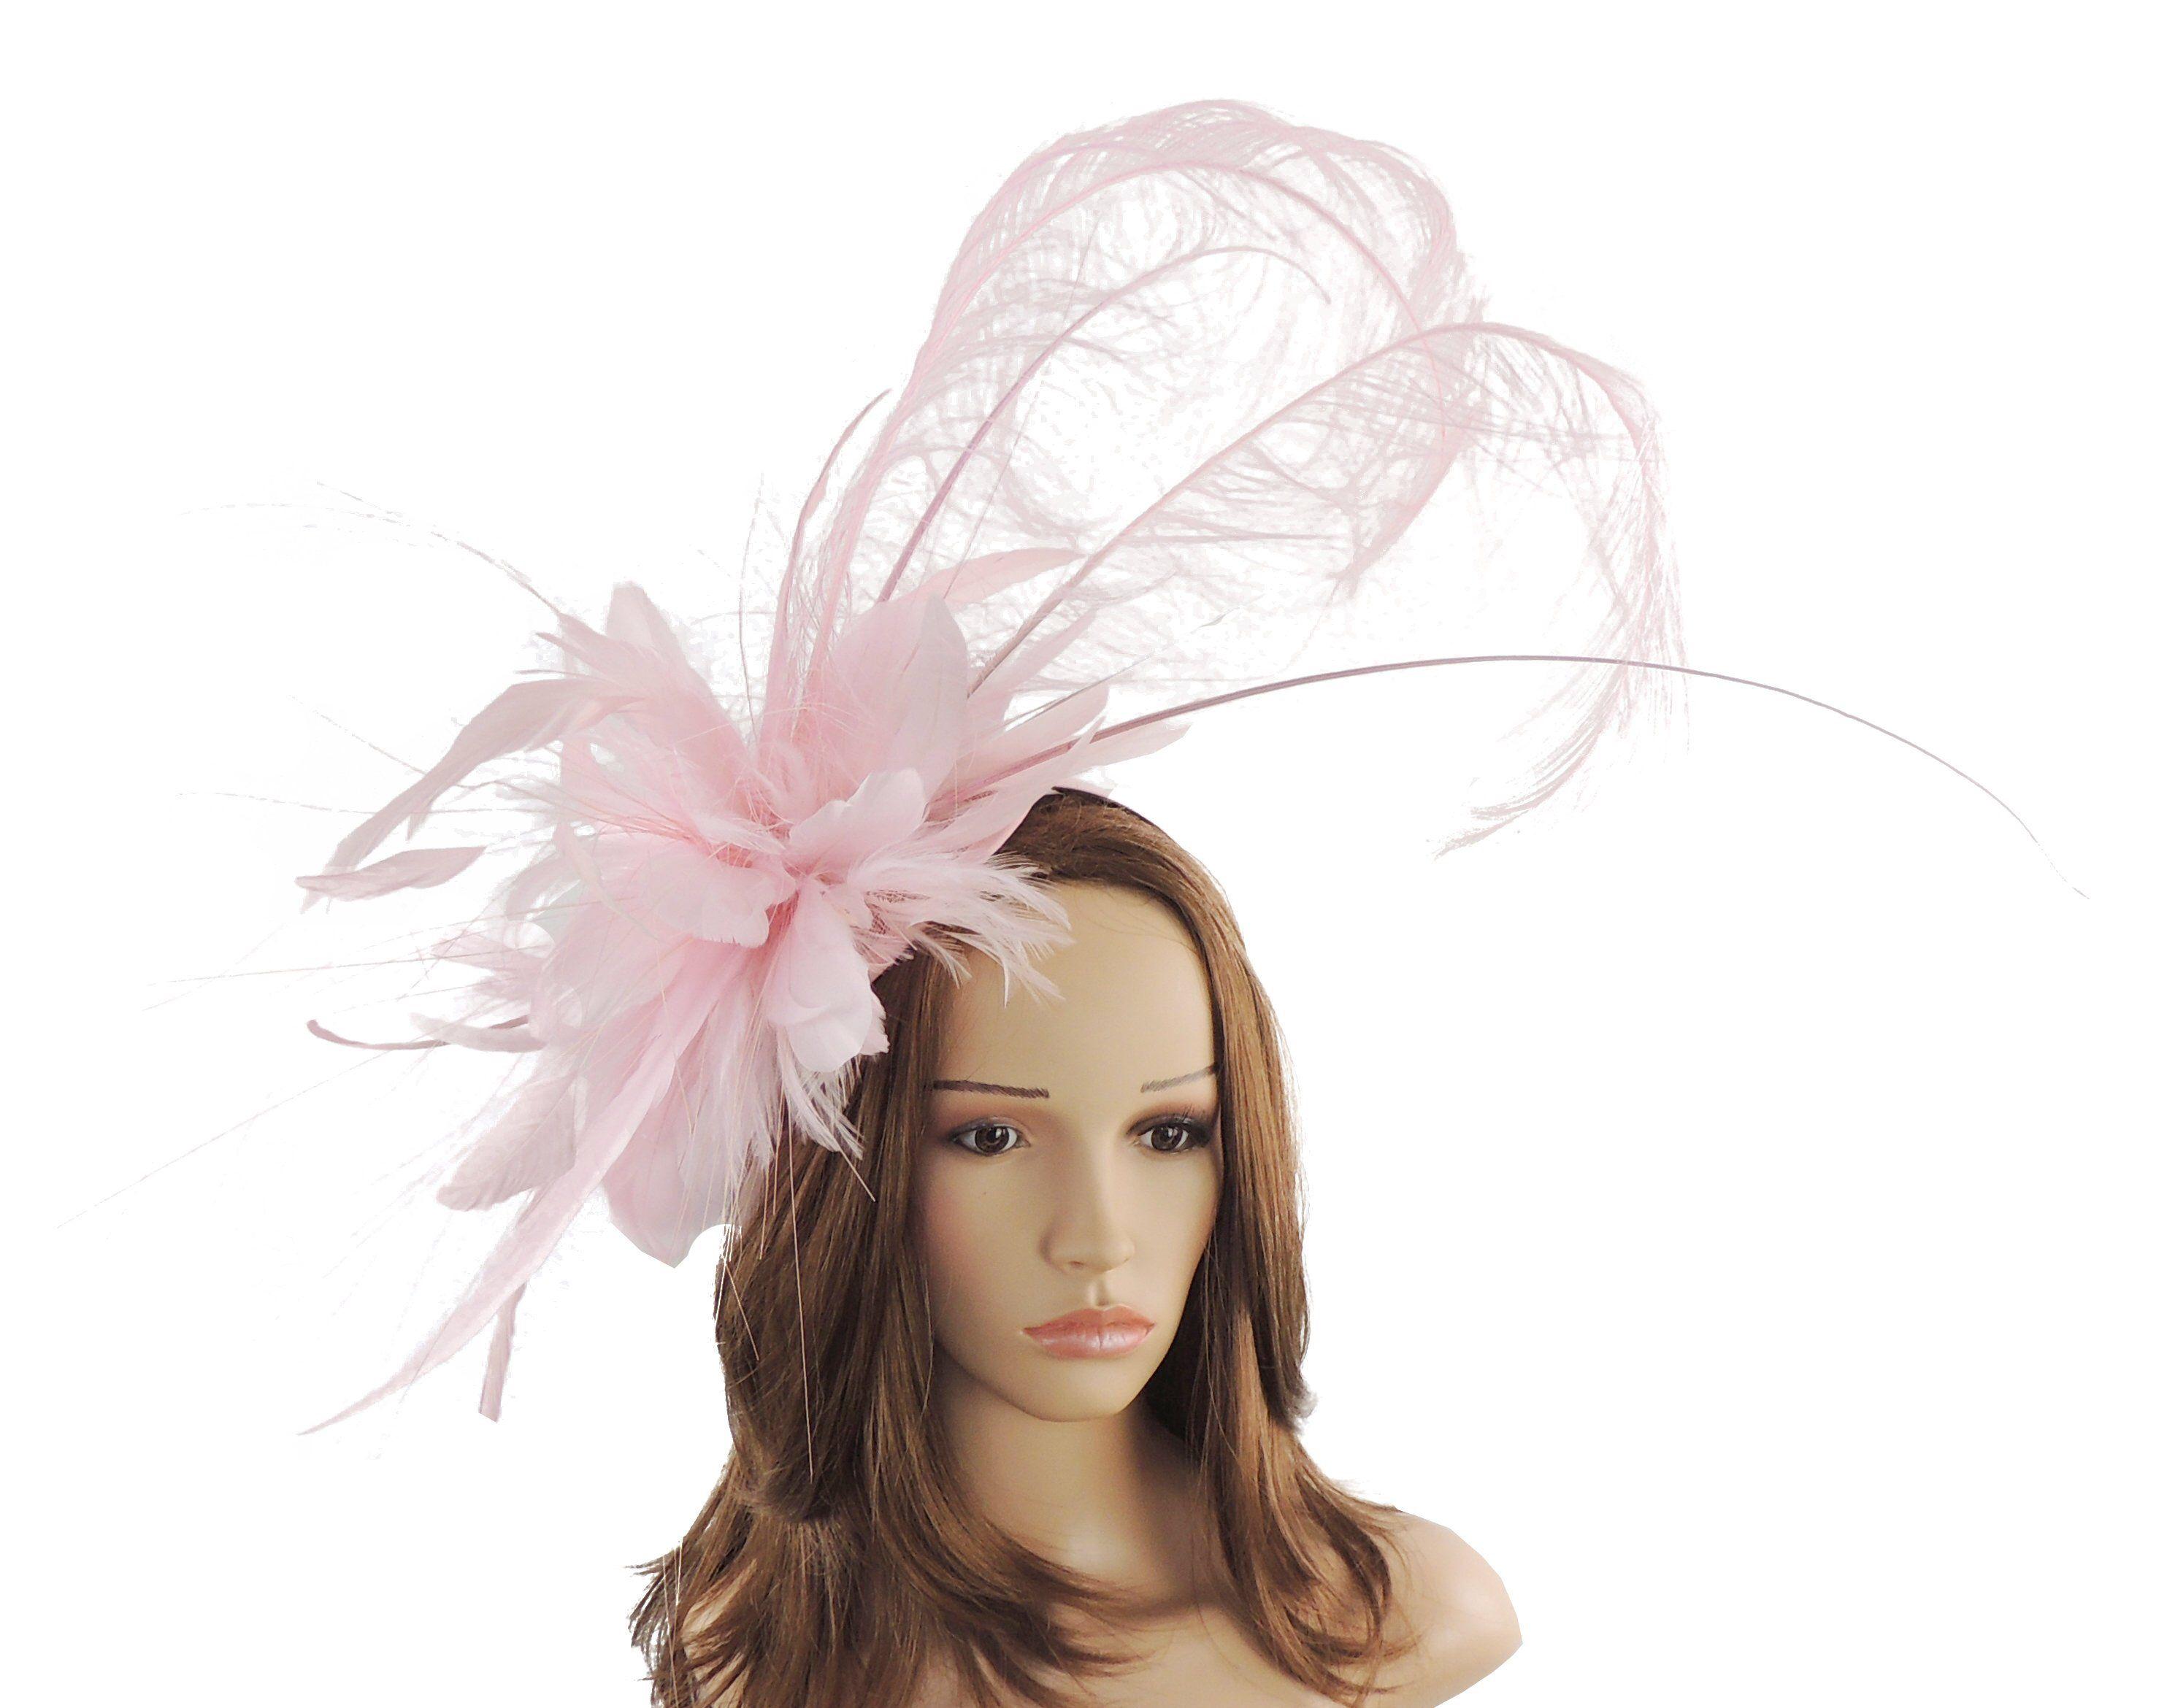 df2af284b4f32 Baby Pink Sophie Fascinator Hat for Kentucky Derby